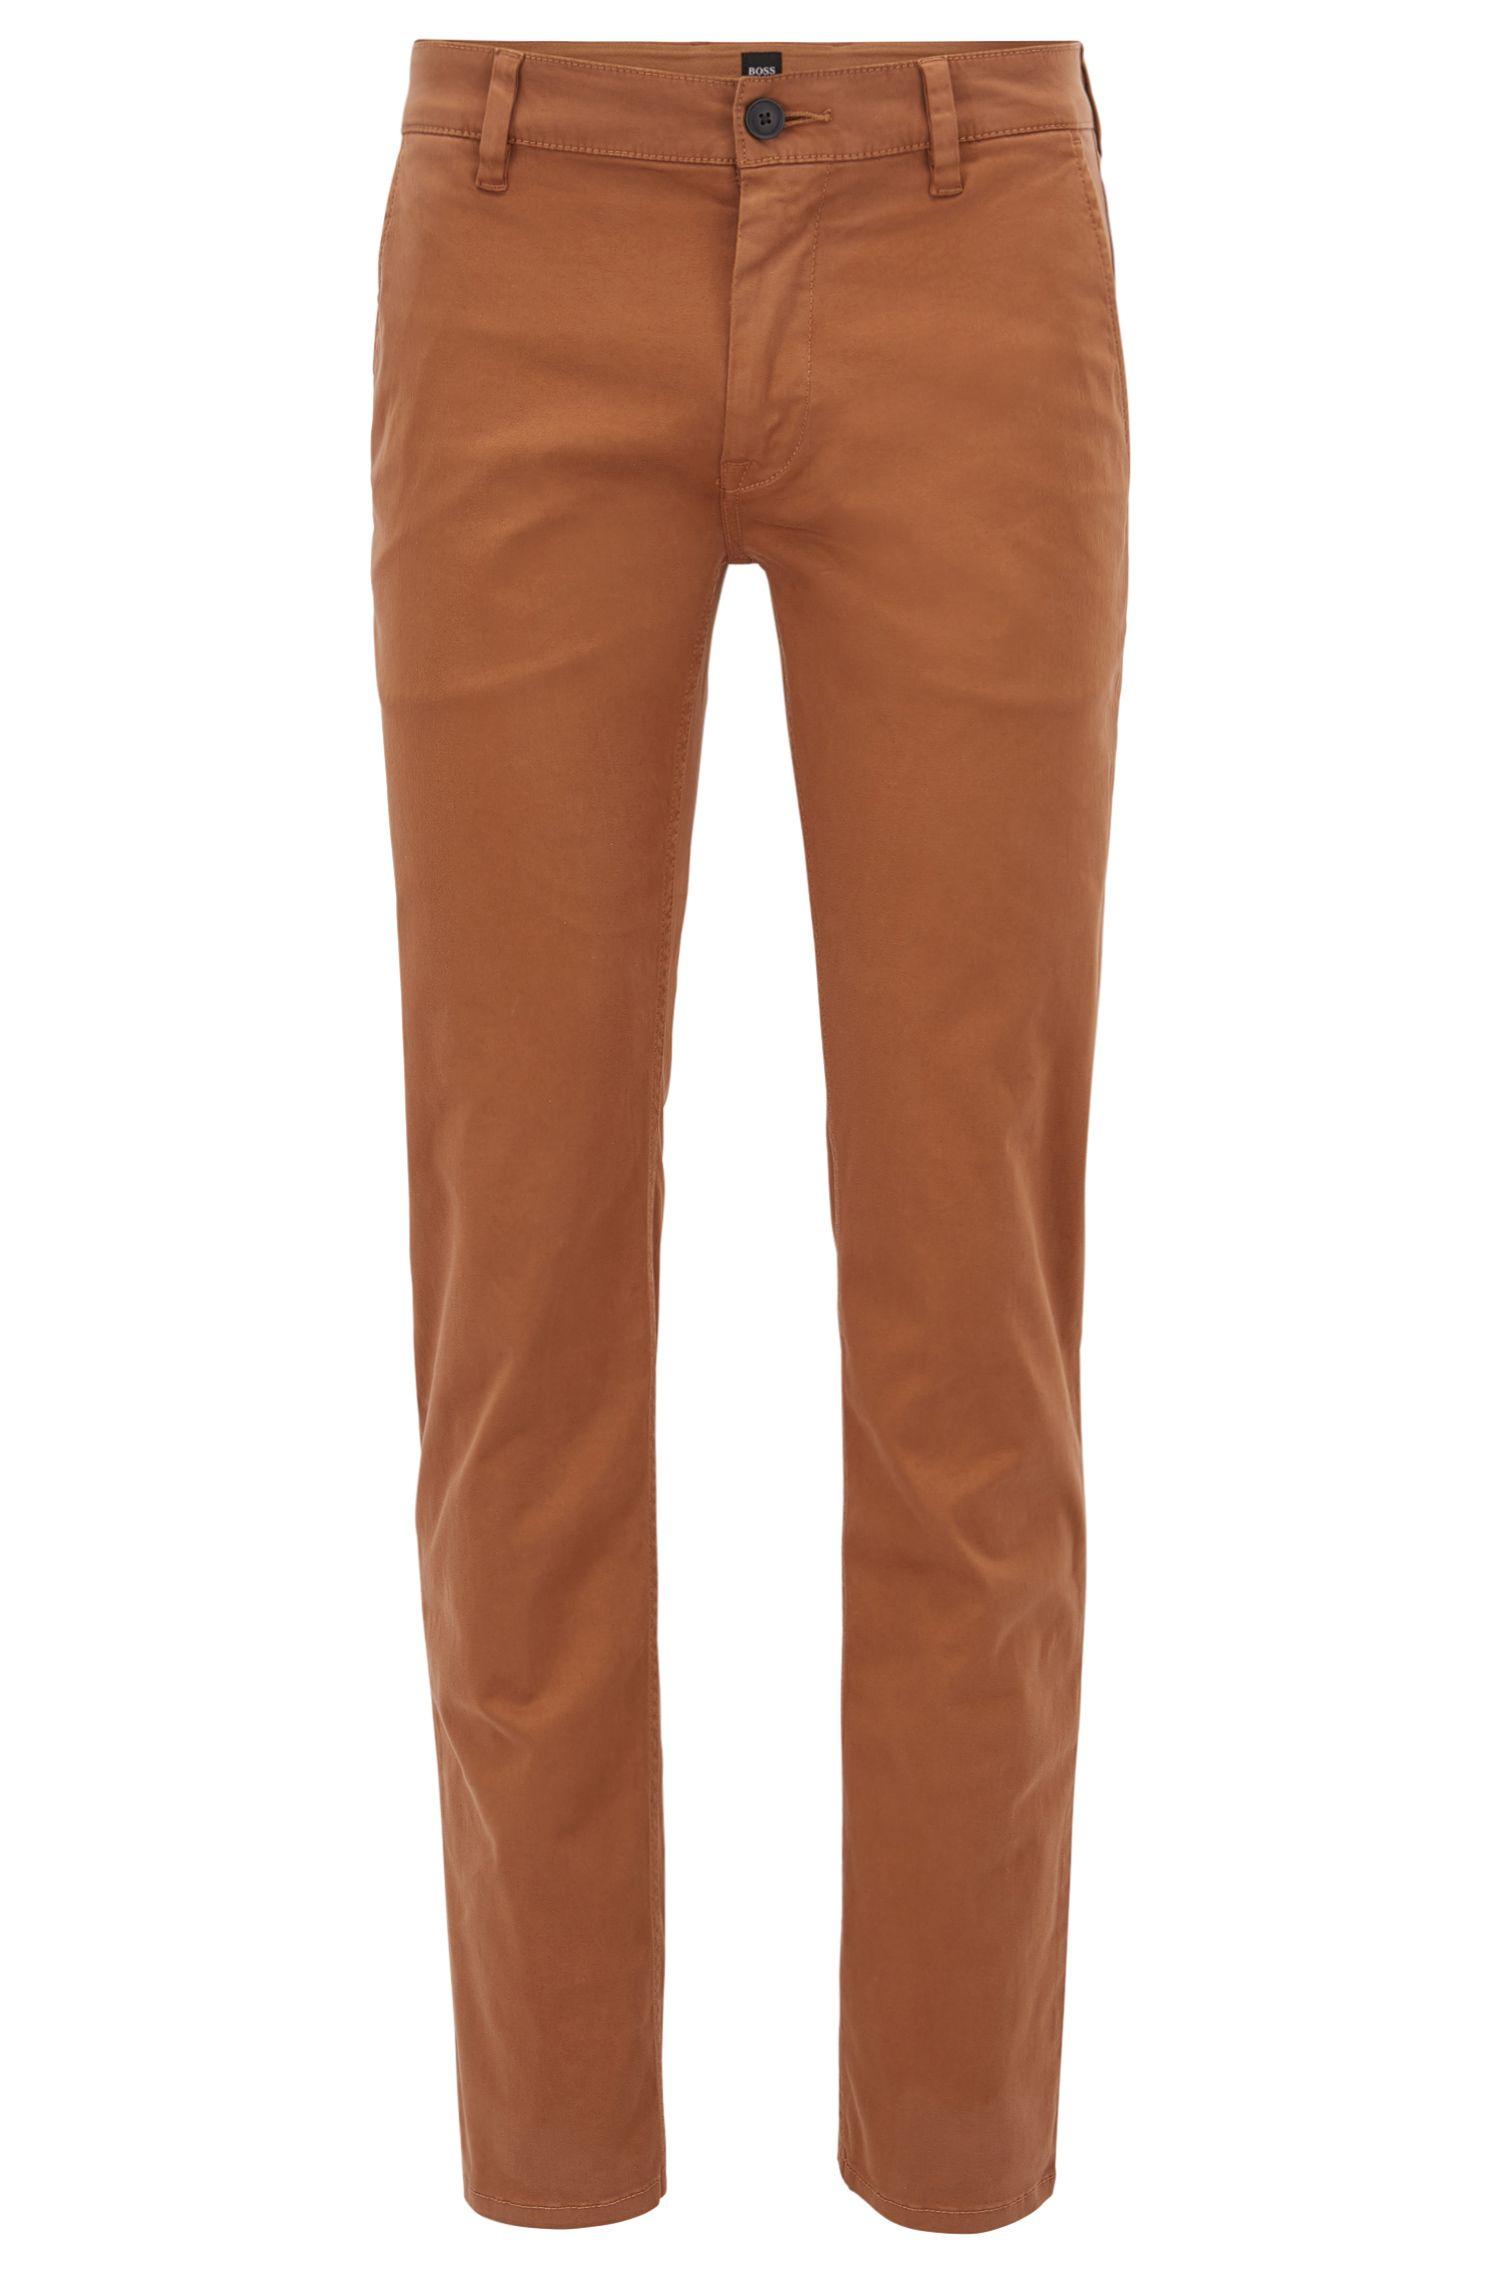 Pantalones slim fit en algodón elástico